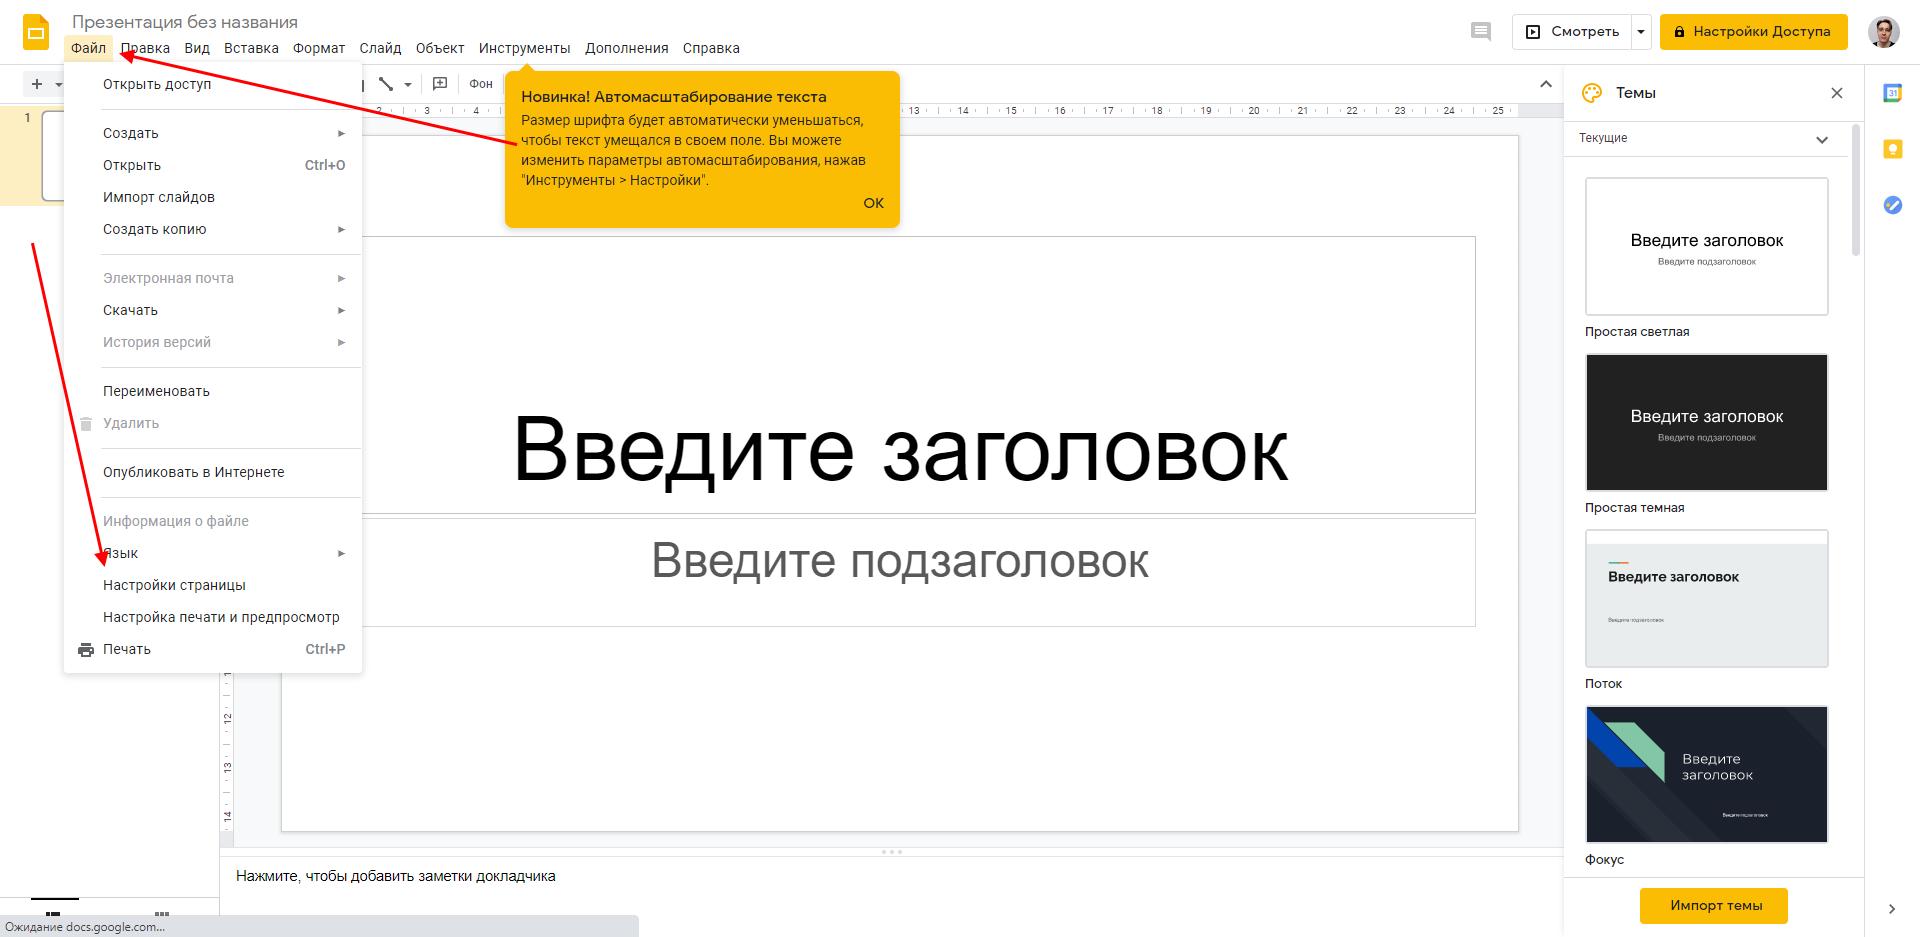 Как создать баннер для ютюба в Google презентациях